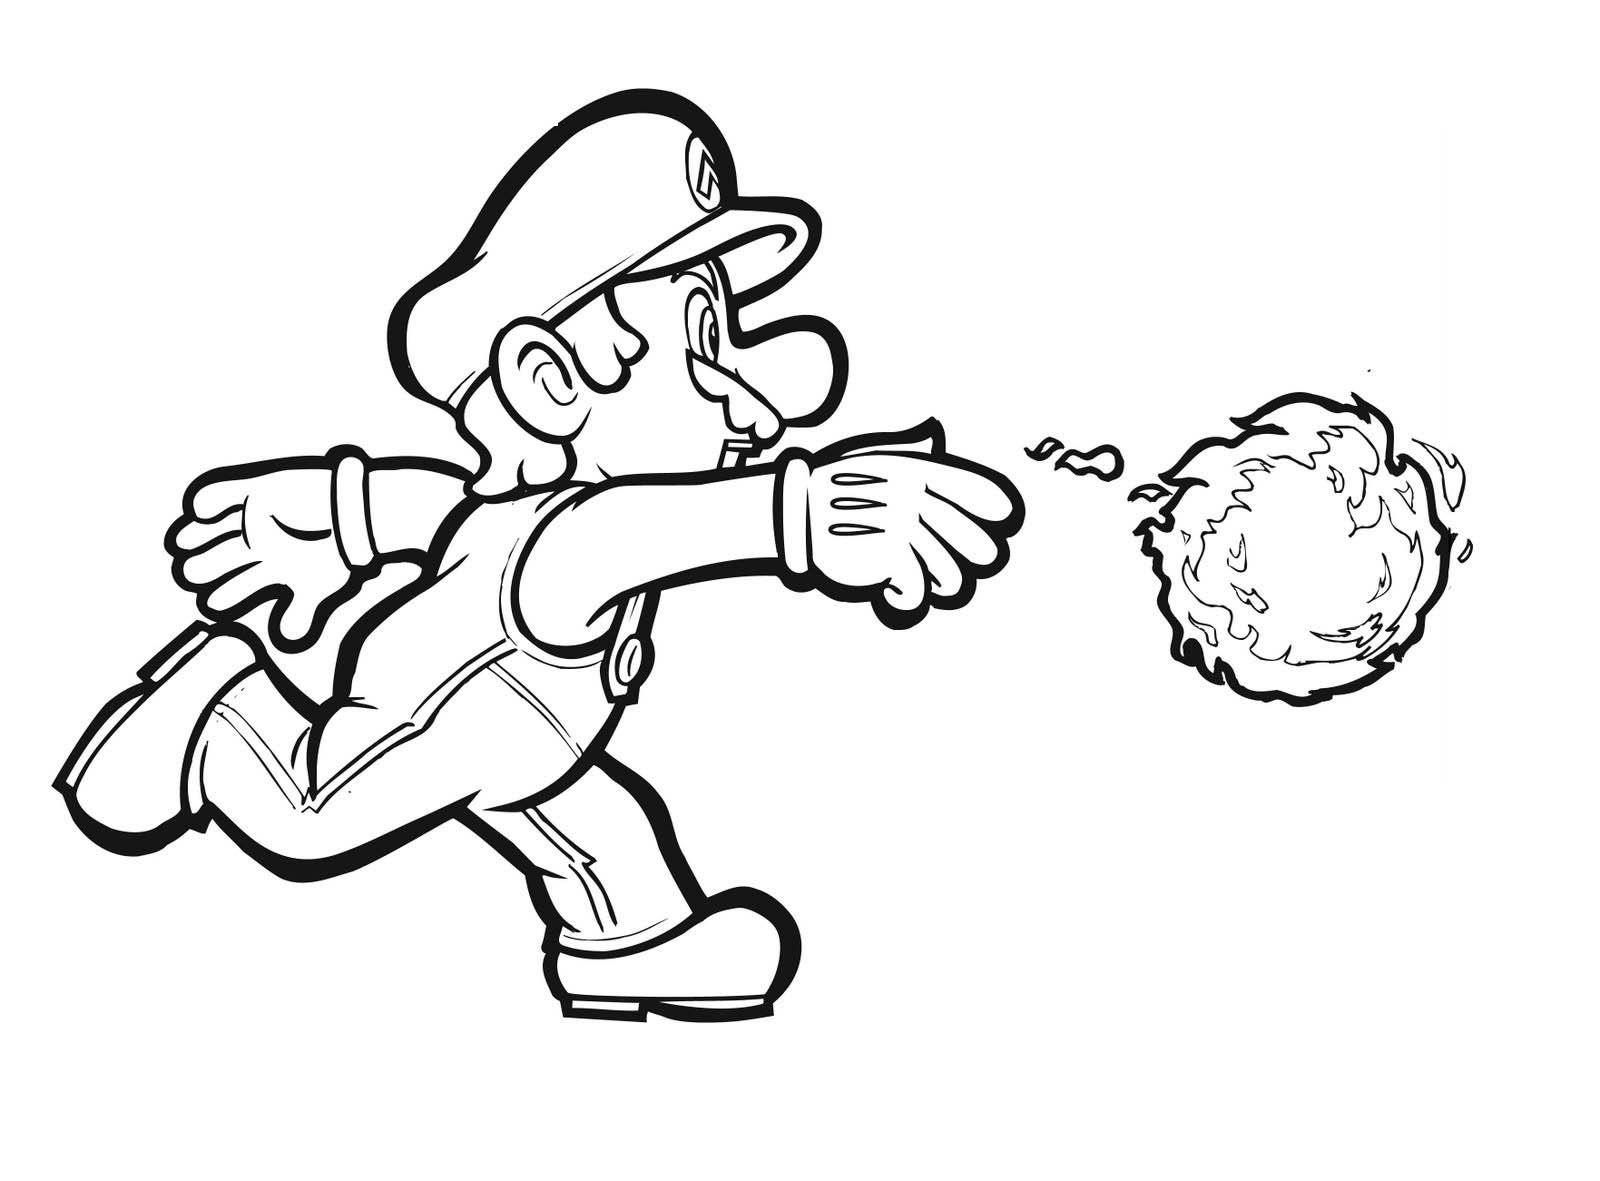 Dibujos De Super Mario Para Colorear E Imprimir 2: Mario Bros Dibujos, Dibujos De Mario